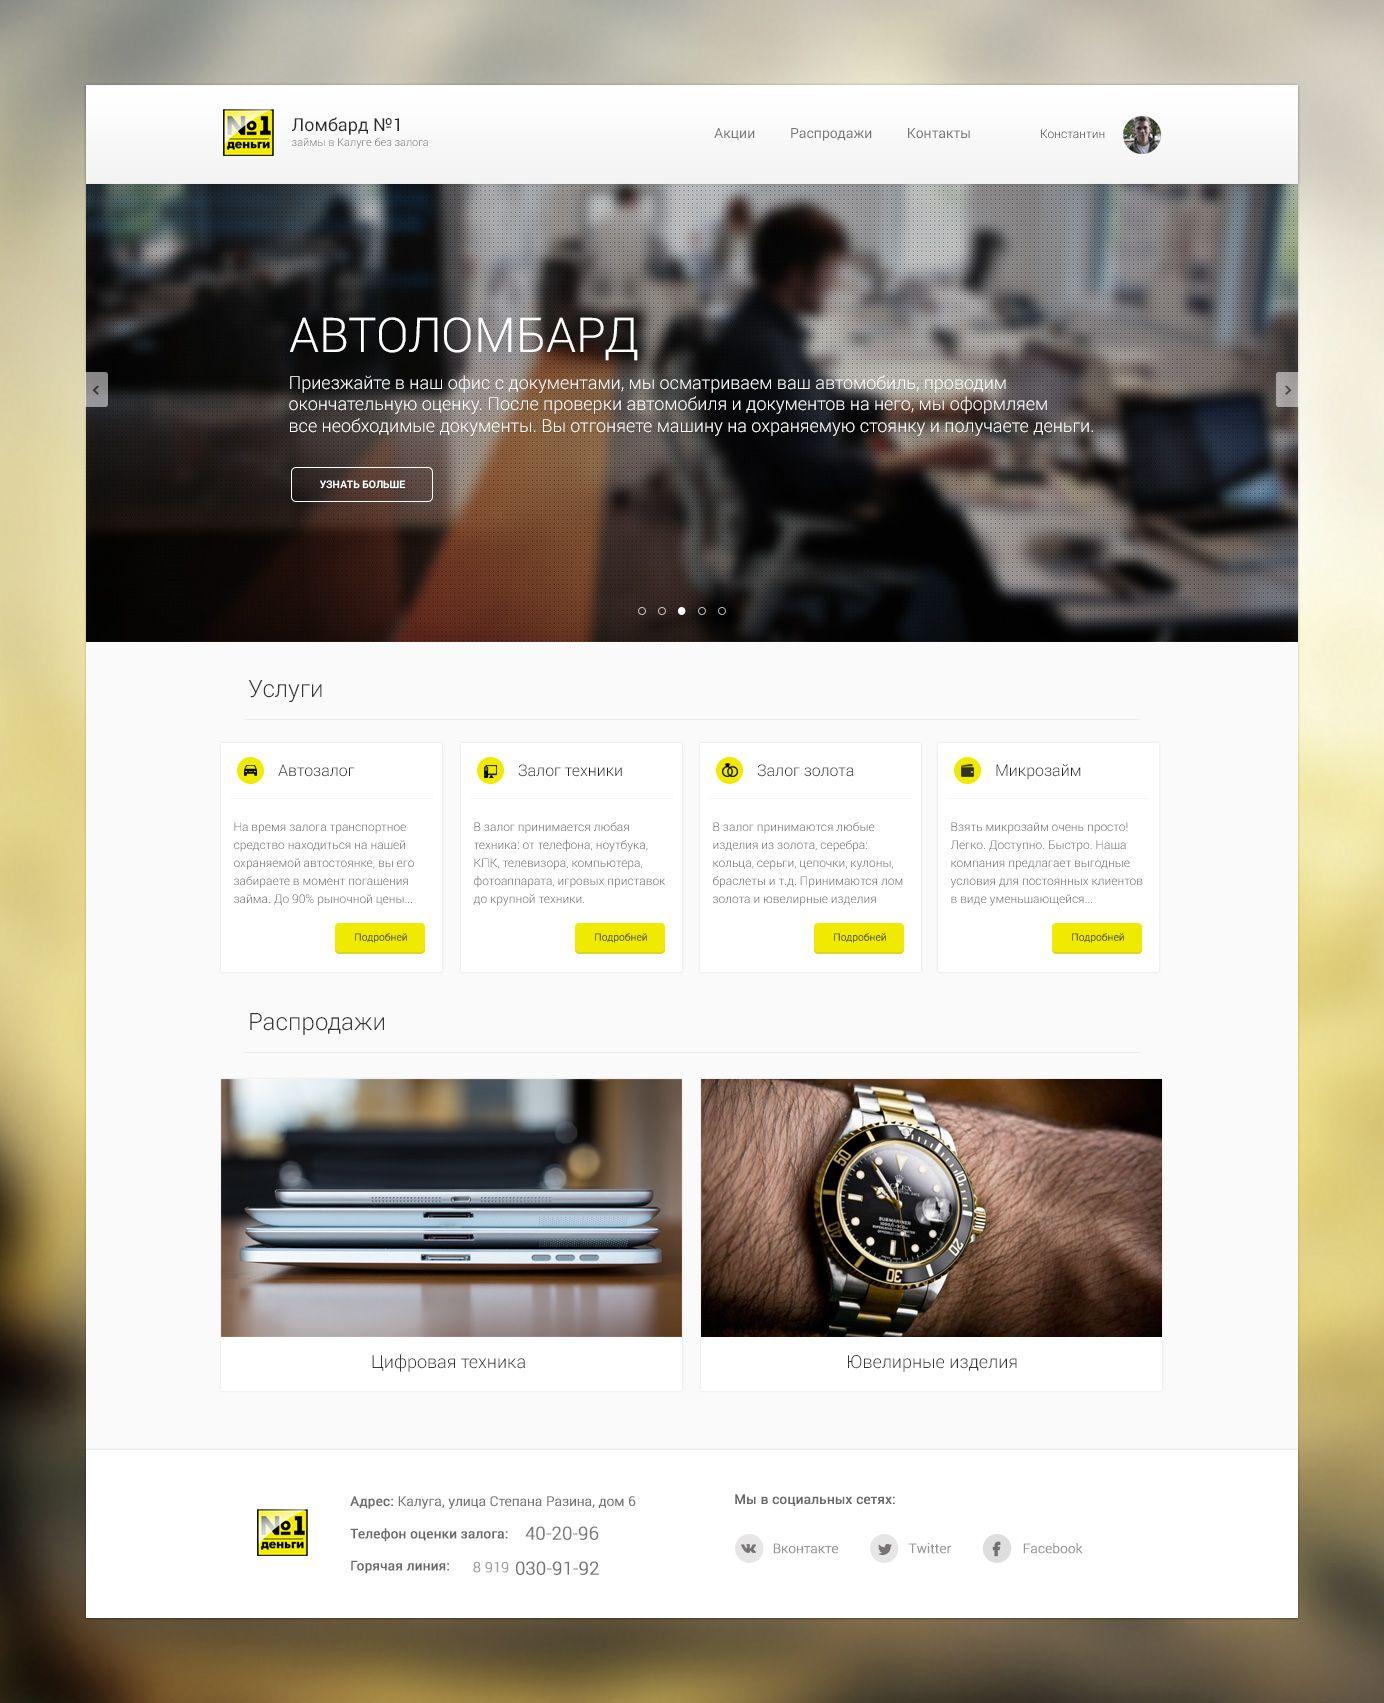 Дизайн главной страницы сайта Ломбард №1 - дизайнер MockingMirror